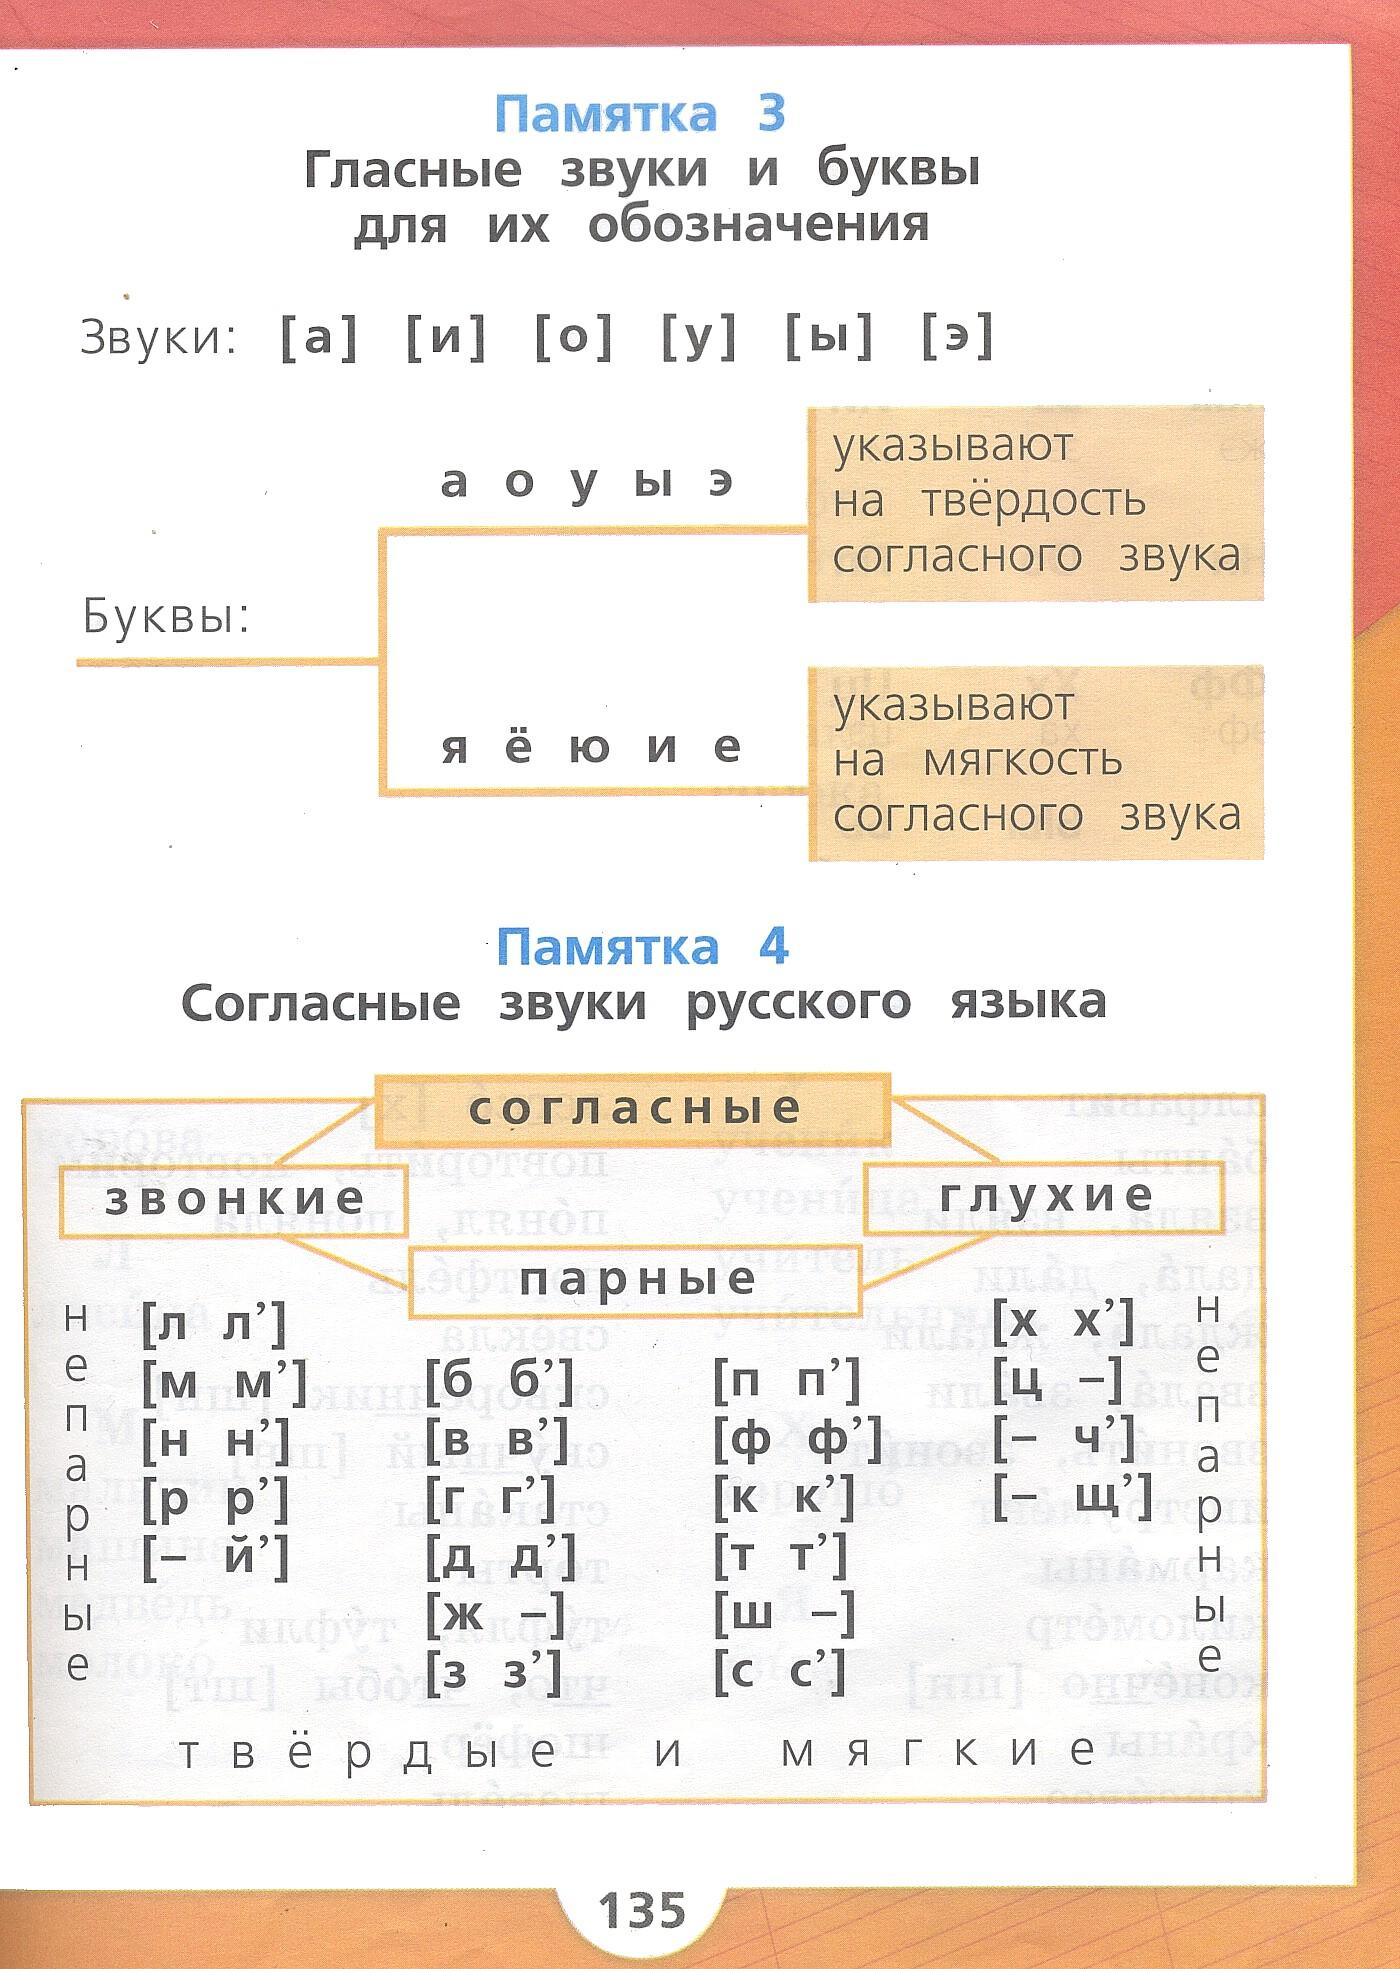 Гласные звуки и буквы, их обозначающие / звуки и буквы / справочник по русскому языку для начальной школы